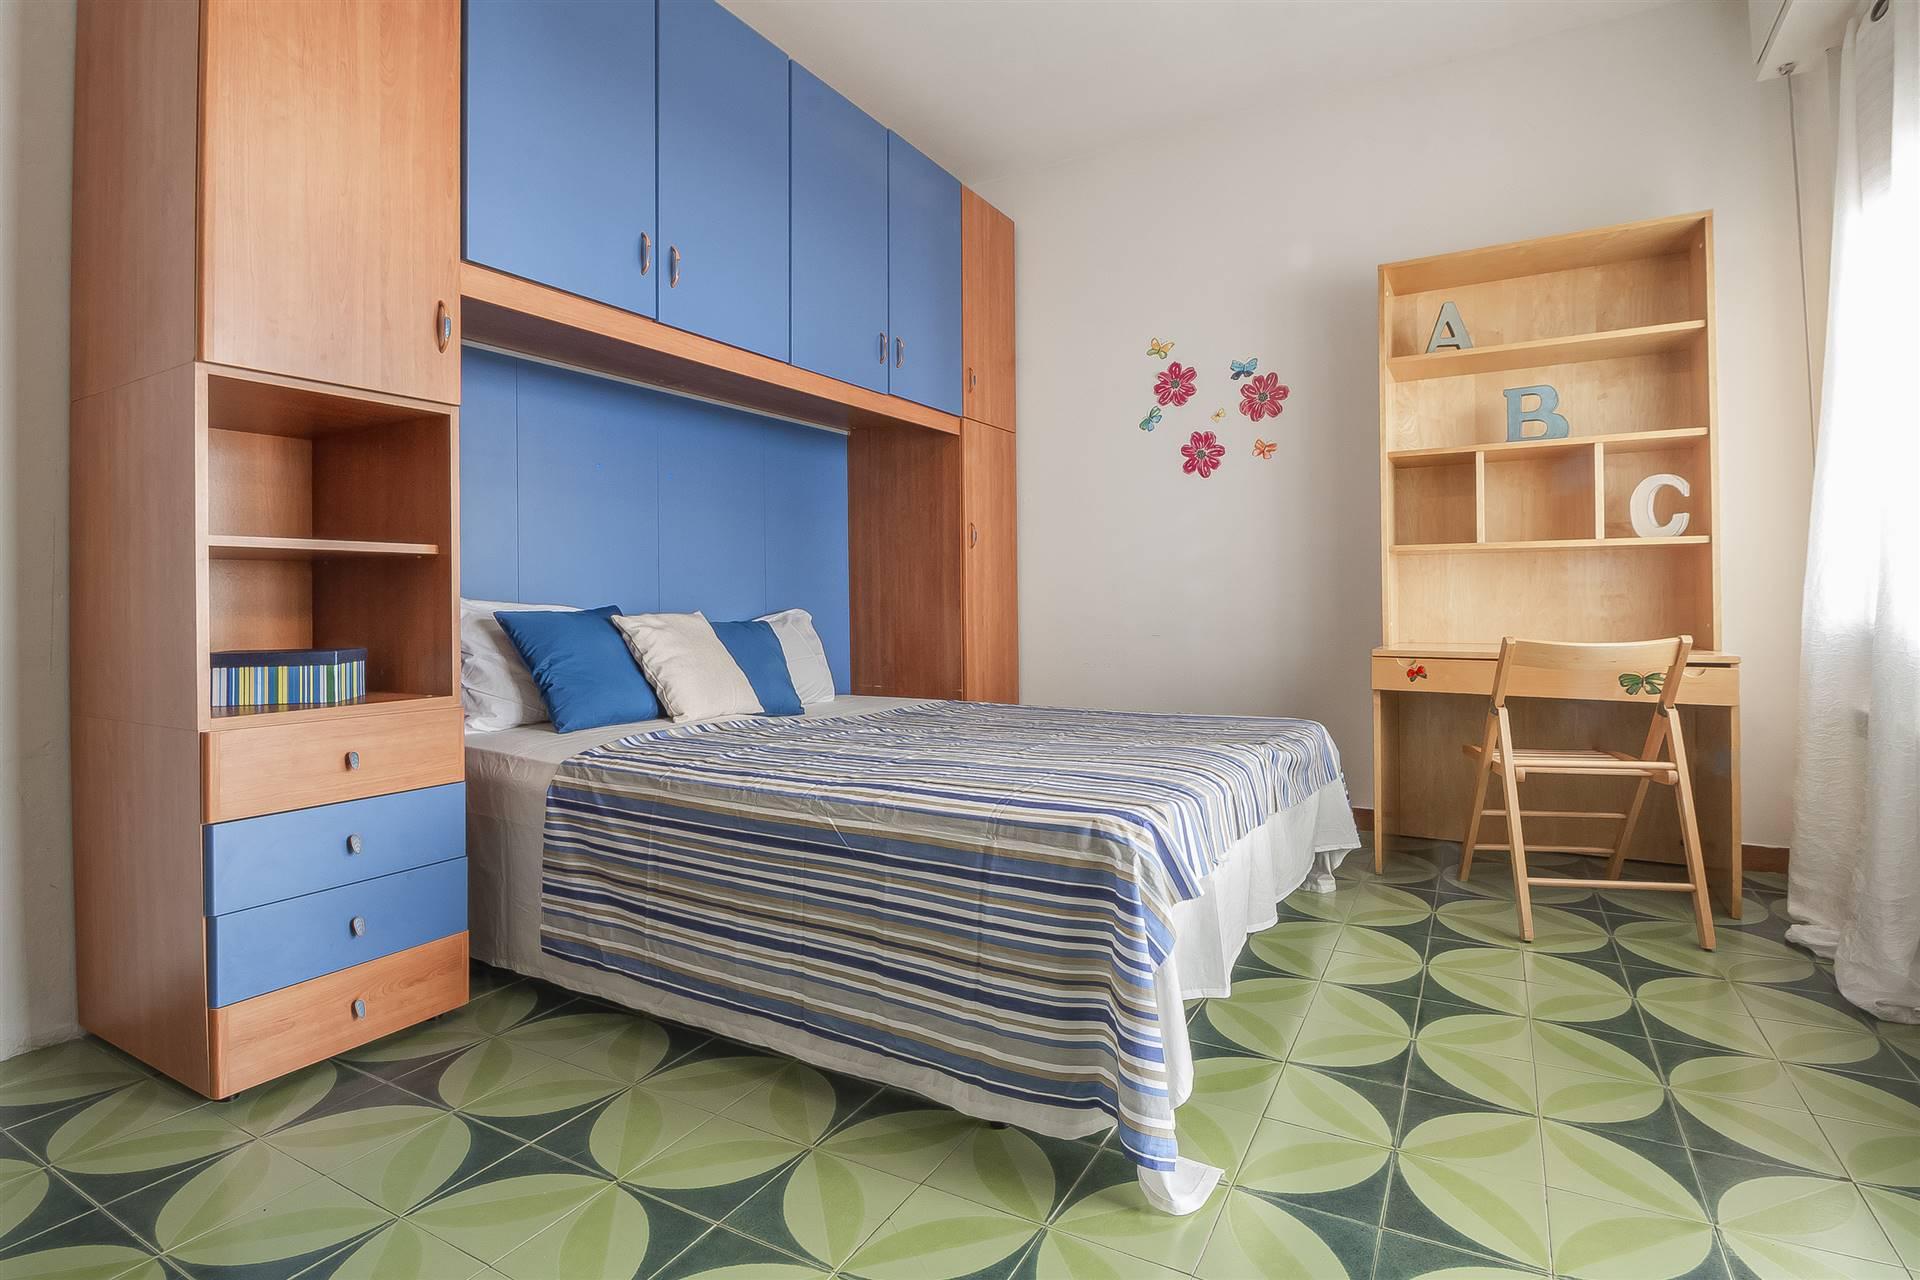 sala/ camera da letto